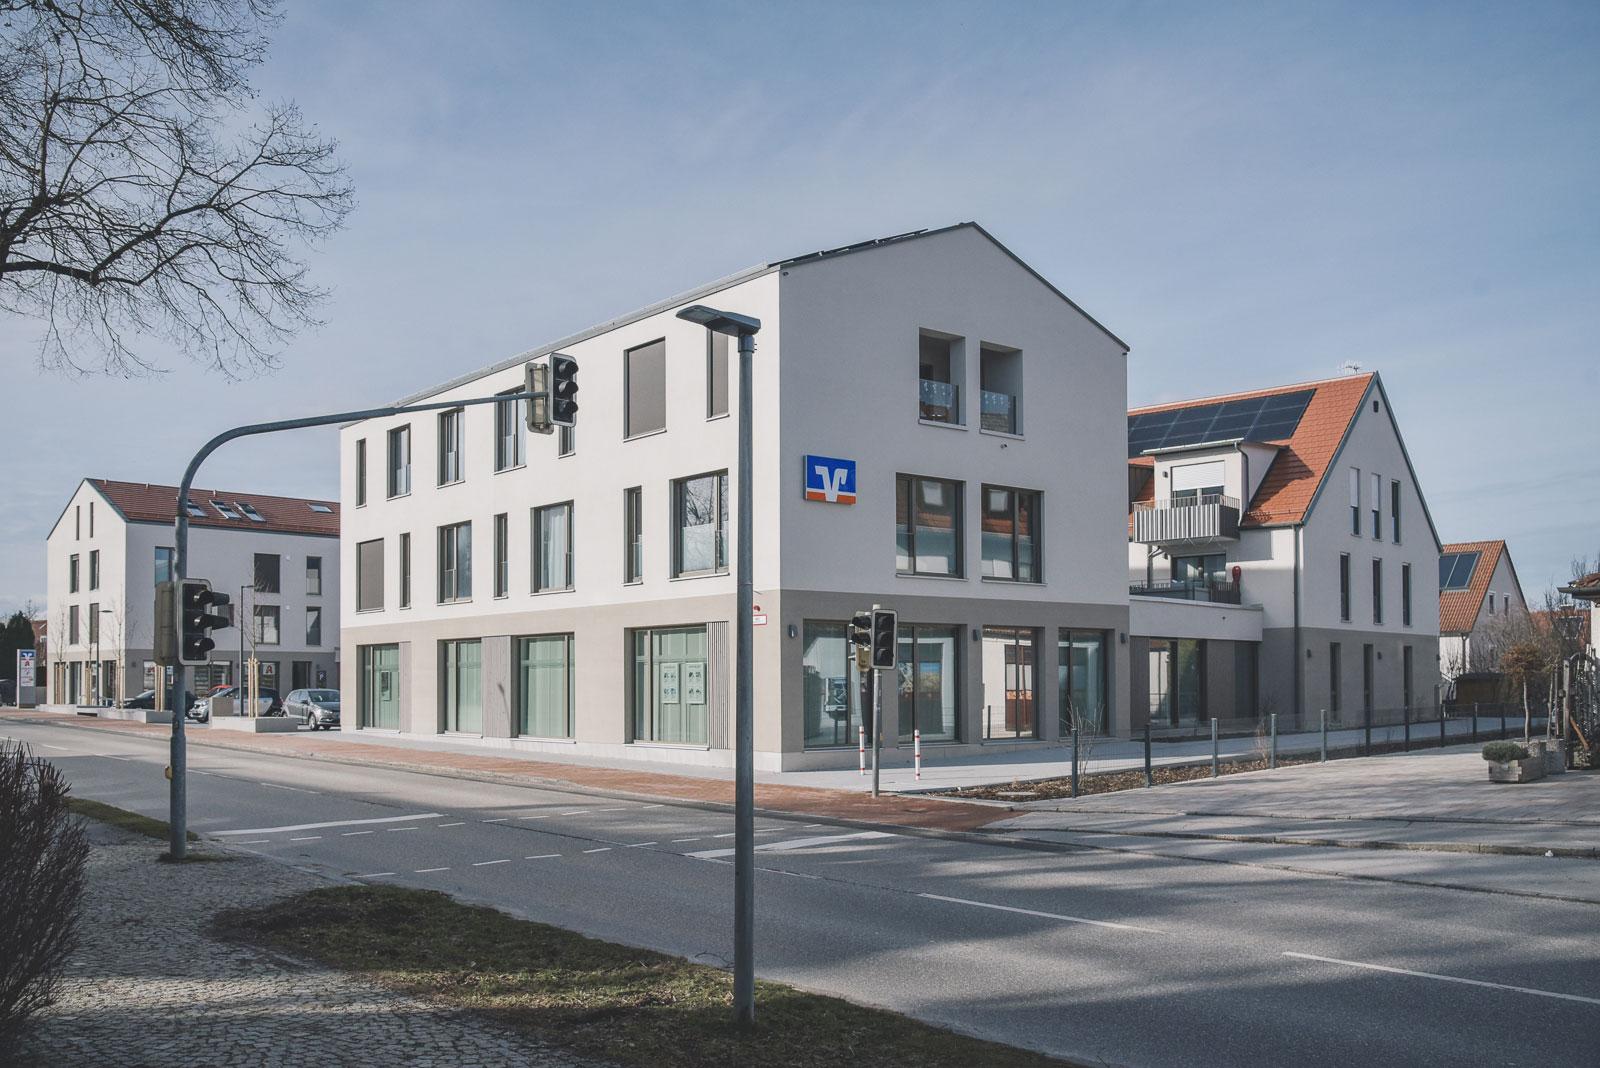 Gewerblicher Wohnungsbau